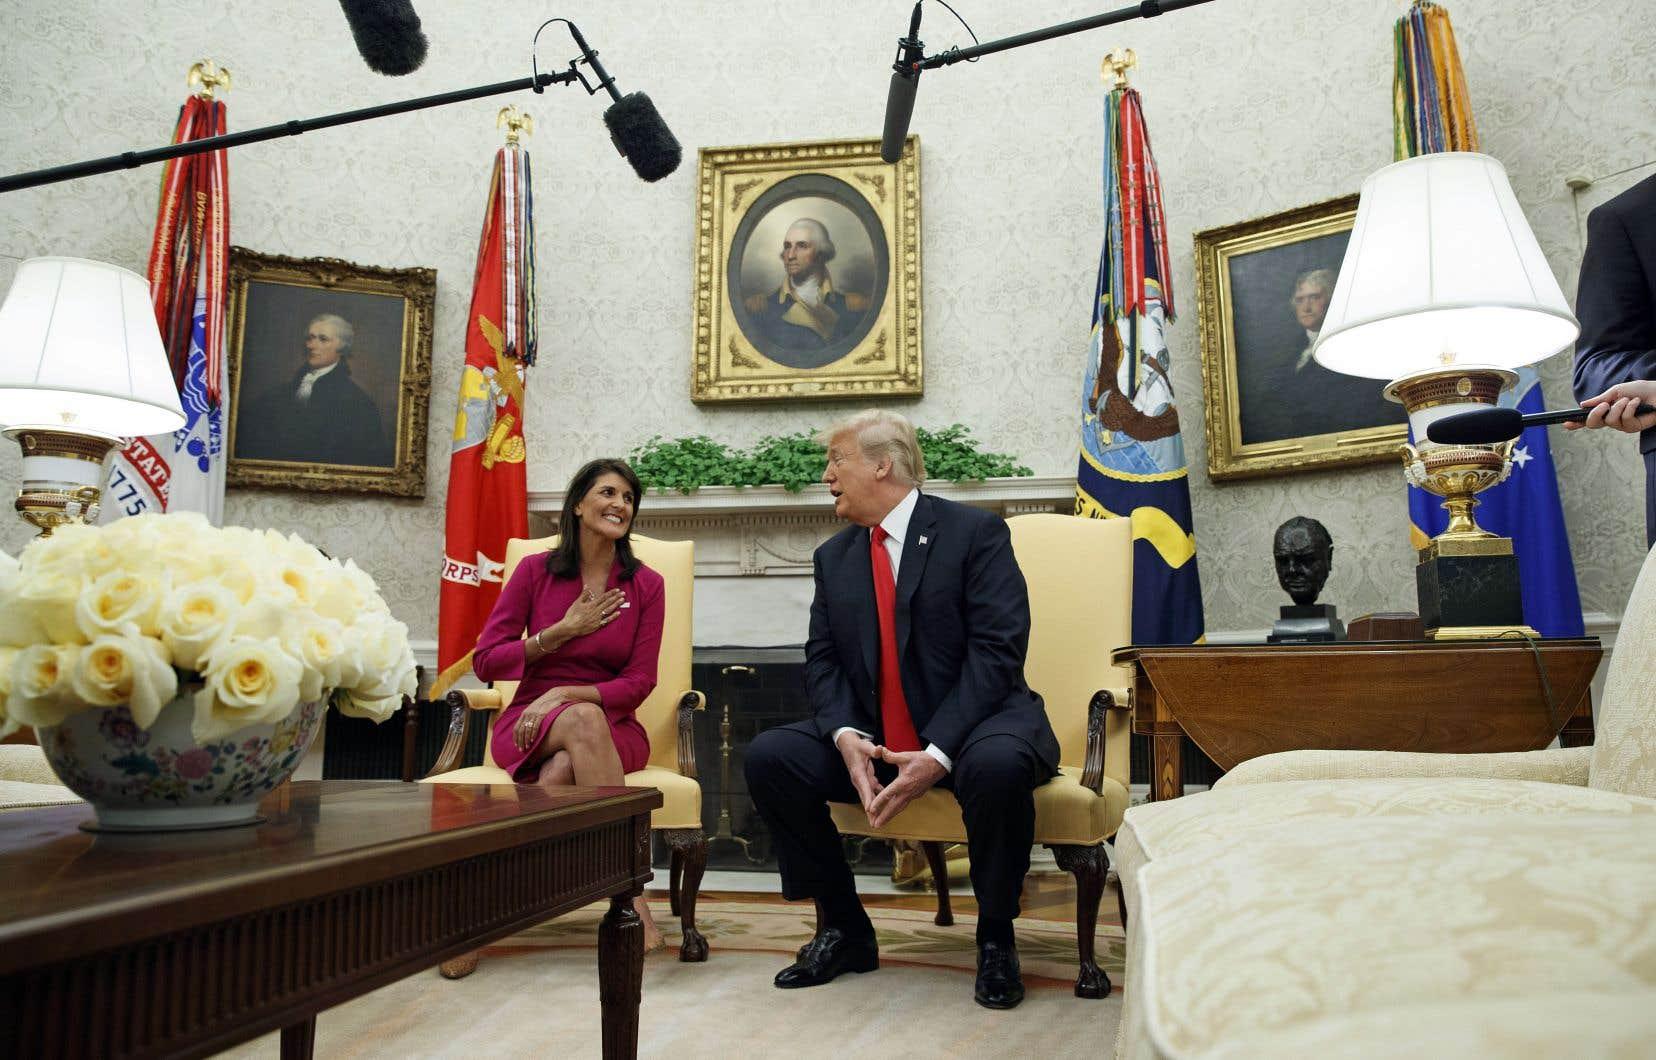 Nikki Haley et Donald Trump ont annoncé ensemble le départ de l'ambassadrice américaine aux Nations unies, mardi matin, sans fournir d'explications claires pour justifier cette décision.